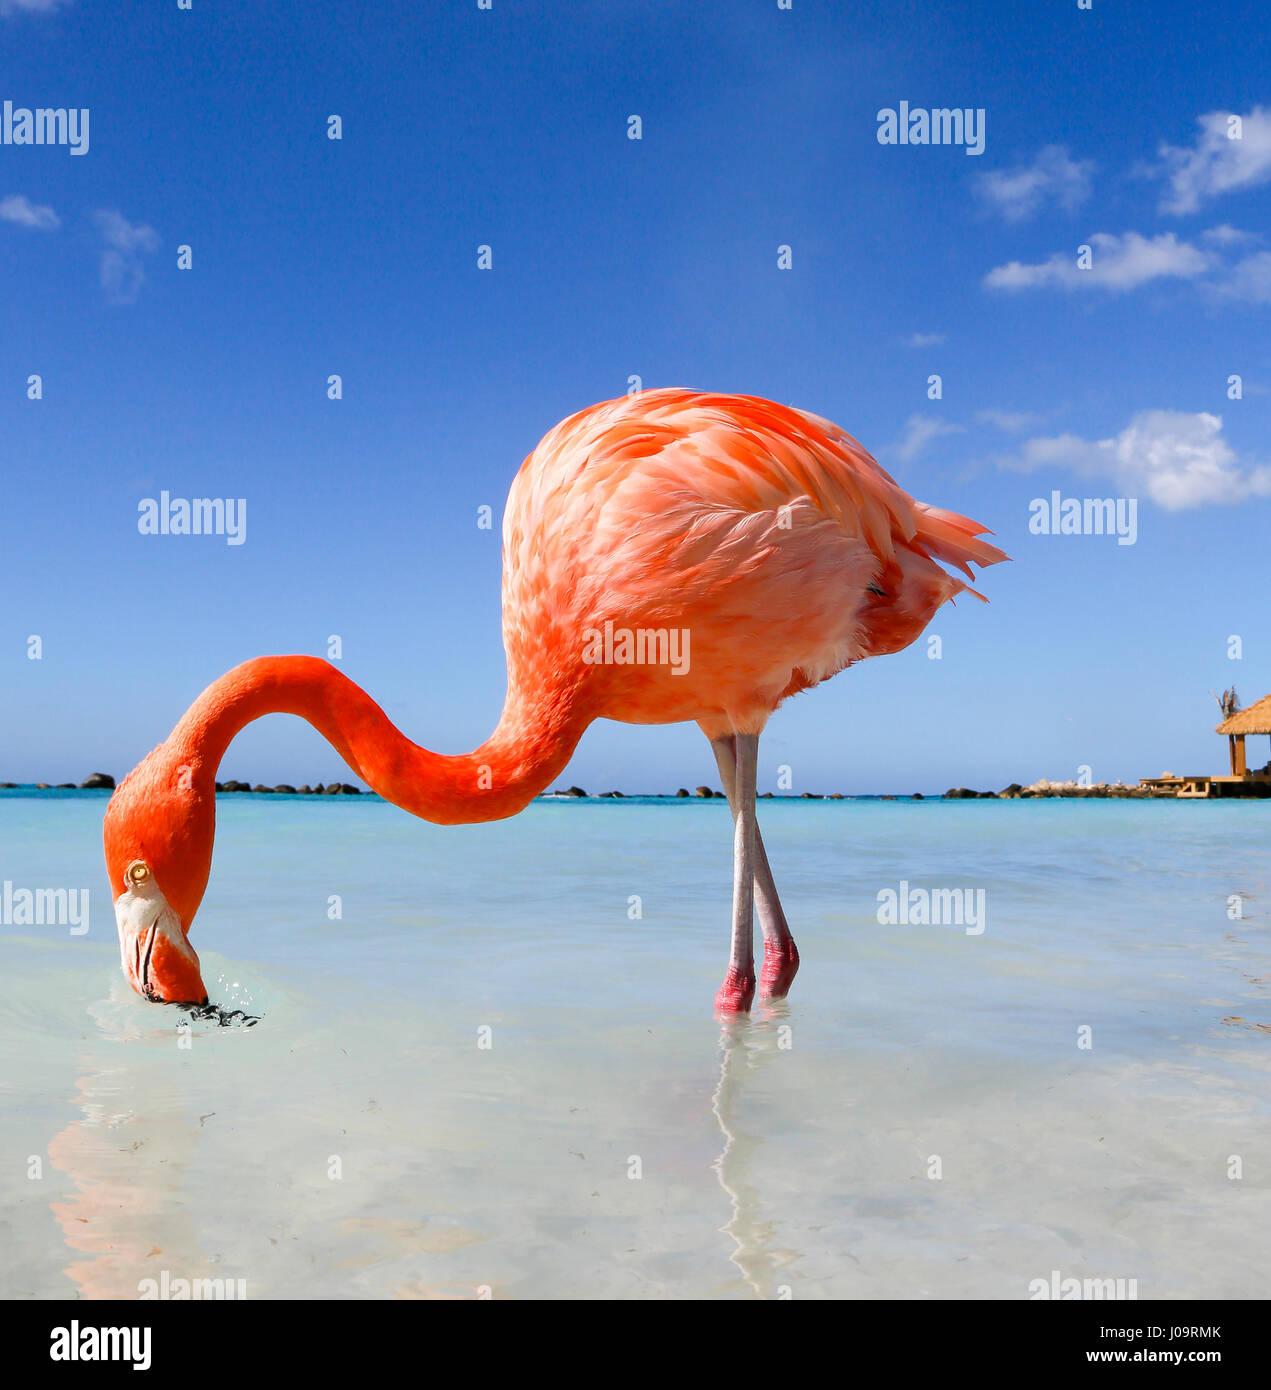 Les meilleures plages d'Aruba: Flamingo Beach de l'hôtel Renaissance Banque D'Images